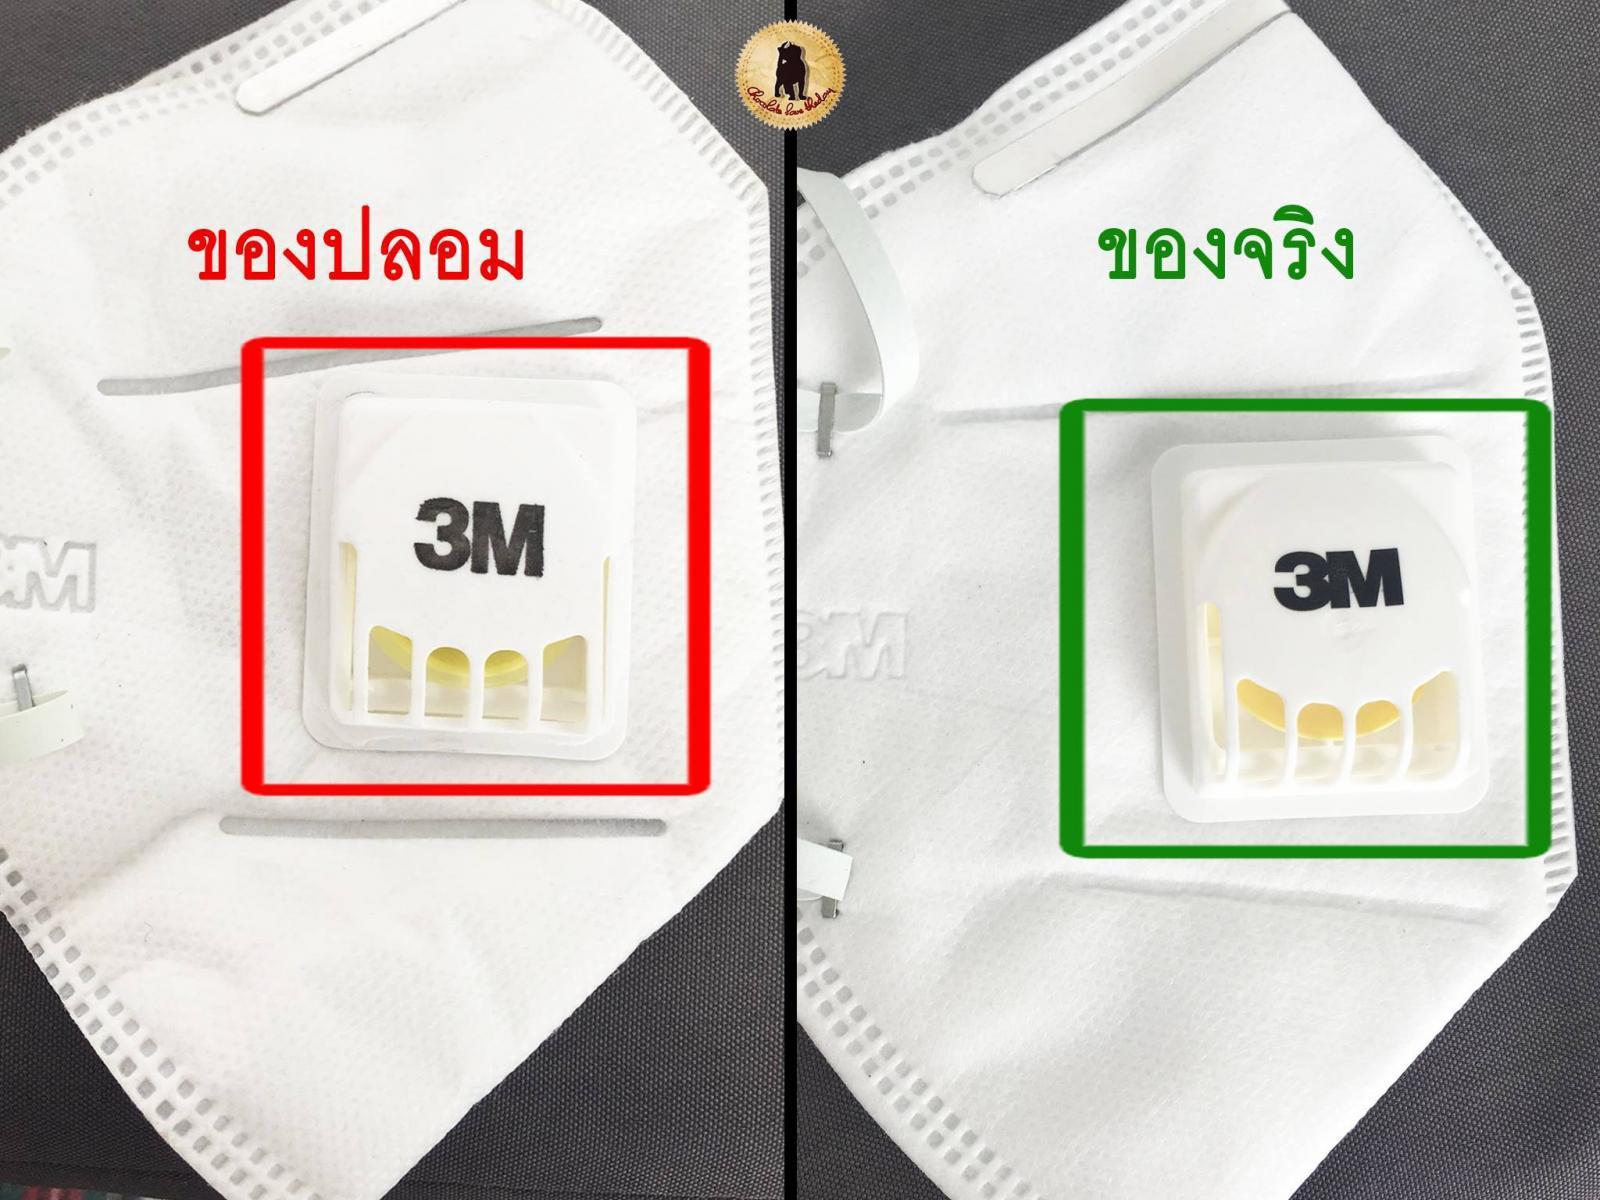 หน้ากากอนามัย N95 ของจริงของปลอมต่างกันอย่างไร